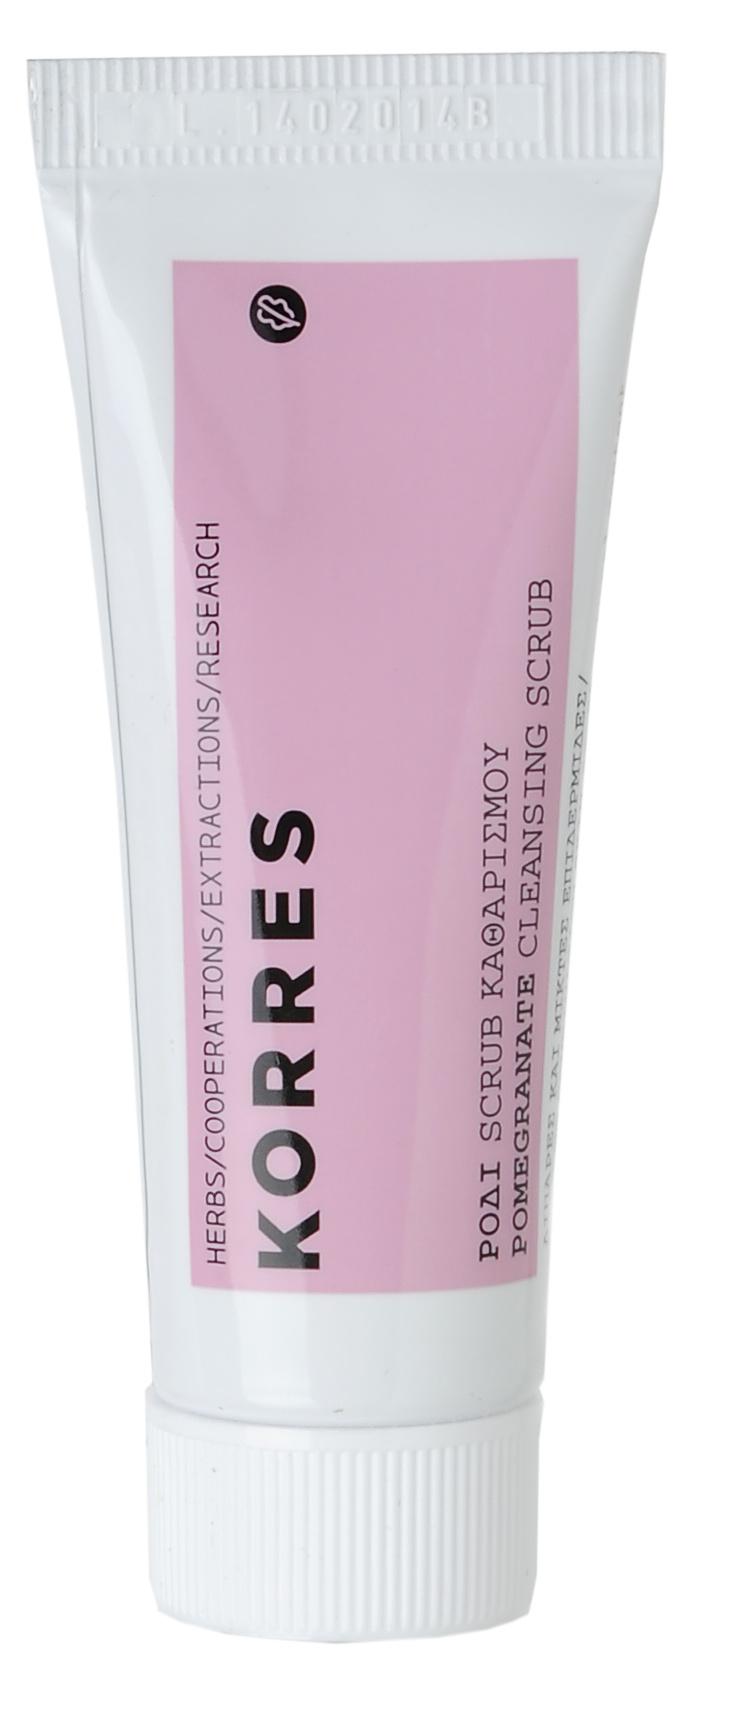 KORRES Скраб очищающий для жирной и комбинированной кожи, гранат 16 мл - Скрабы